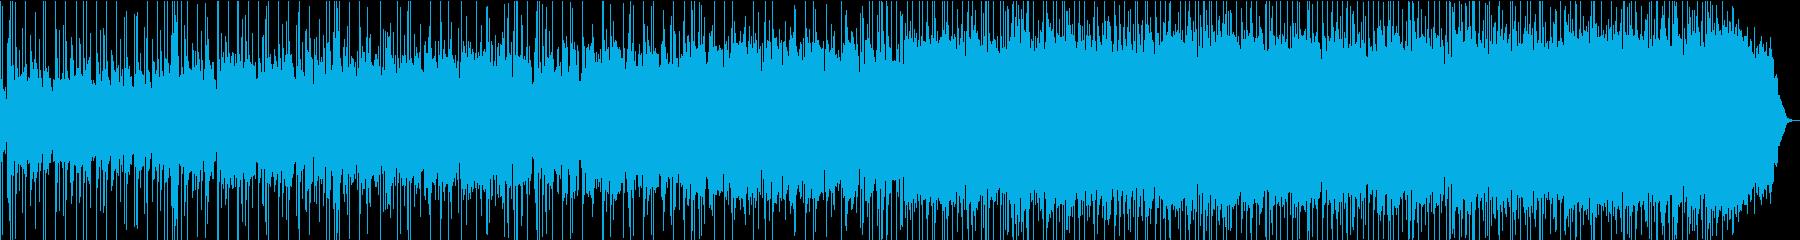 英詞、ミュージカル風・音の壁〜壮大な音像の再生済みの波形